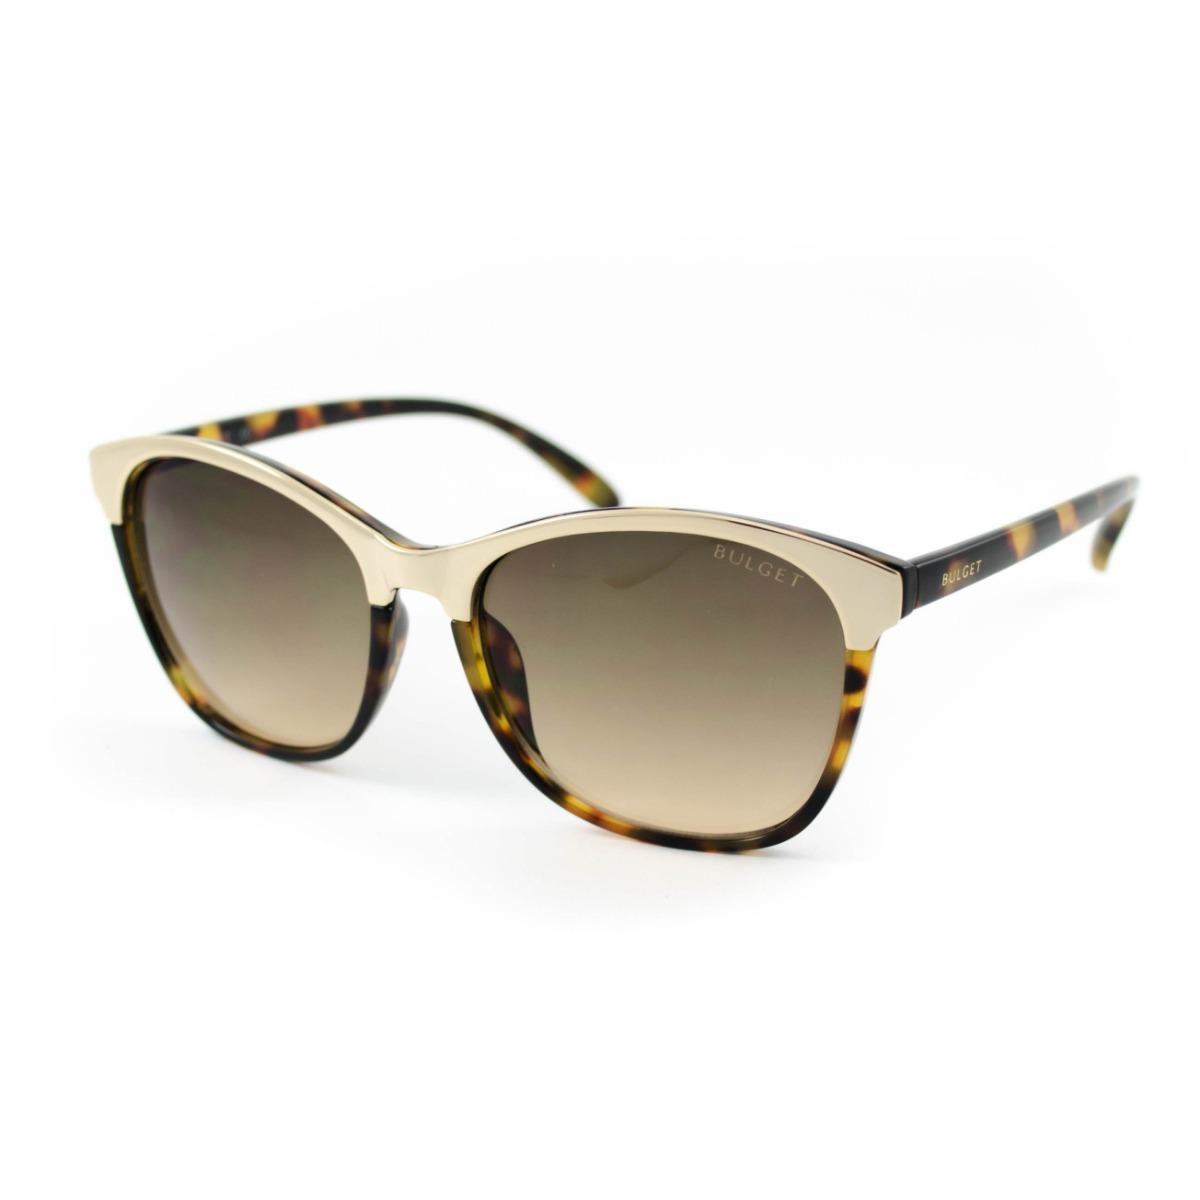 Óculos De Sol Bulget - Bg5130 G21 - Marrom - R  199,99 em Mercado Livre 8392e4d87f